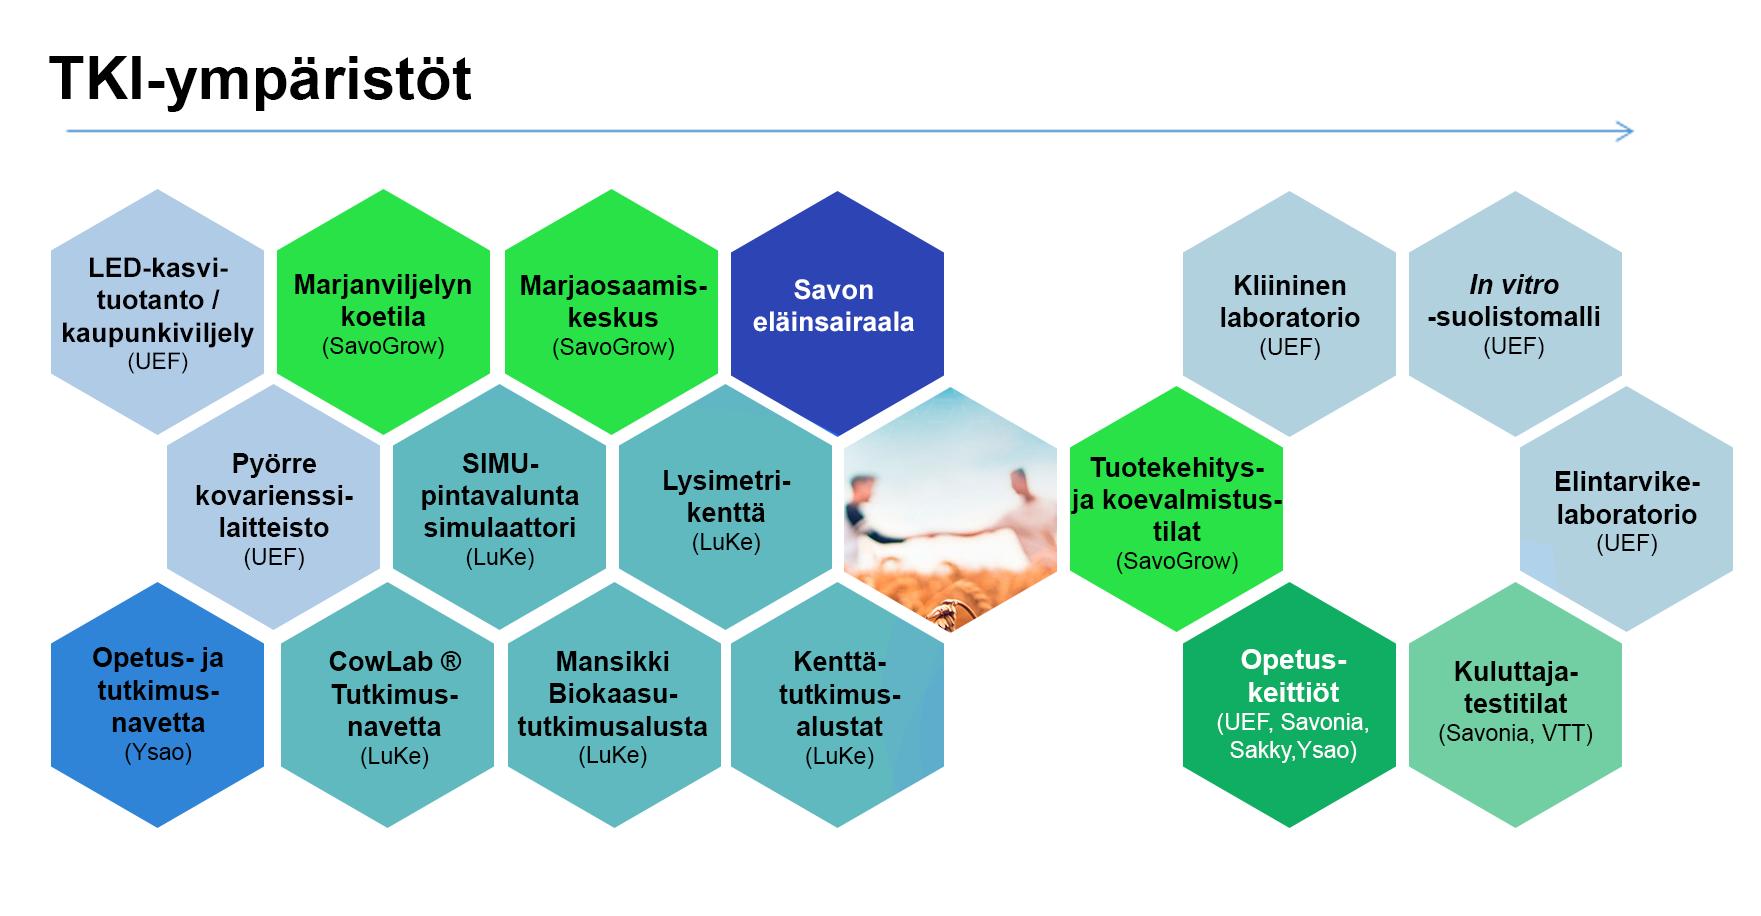 TKI-ympäristöt Pohjois-Savossa